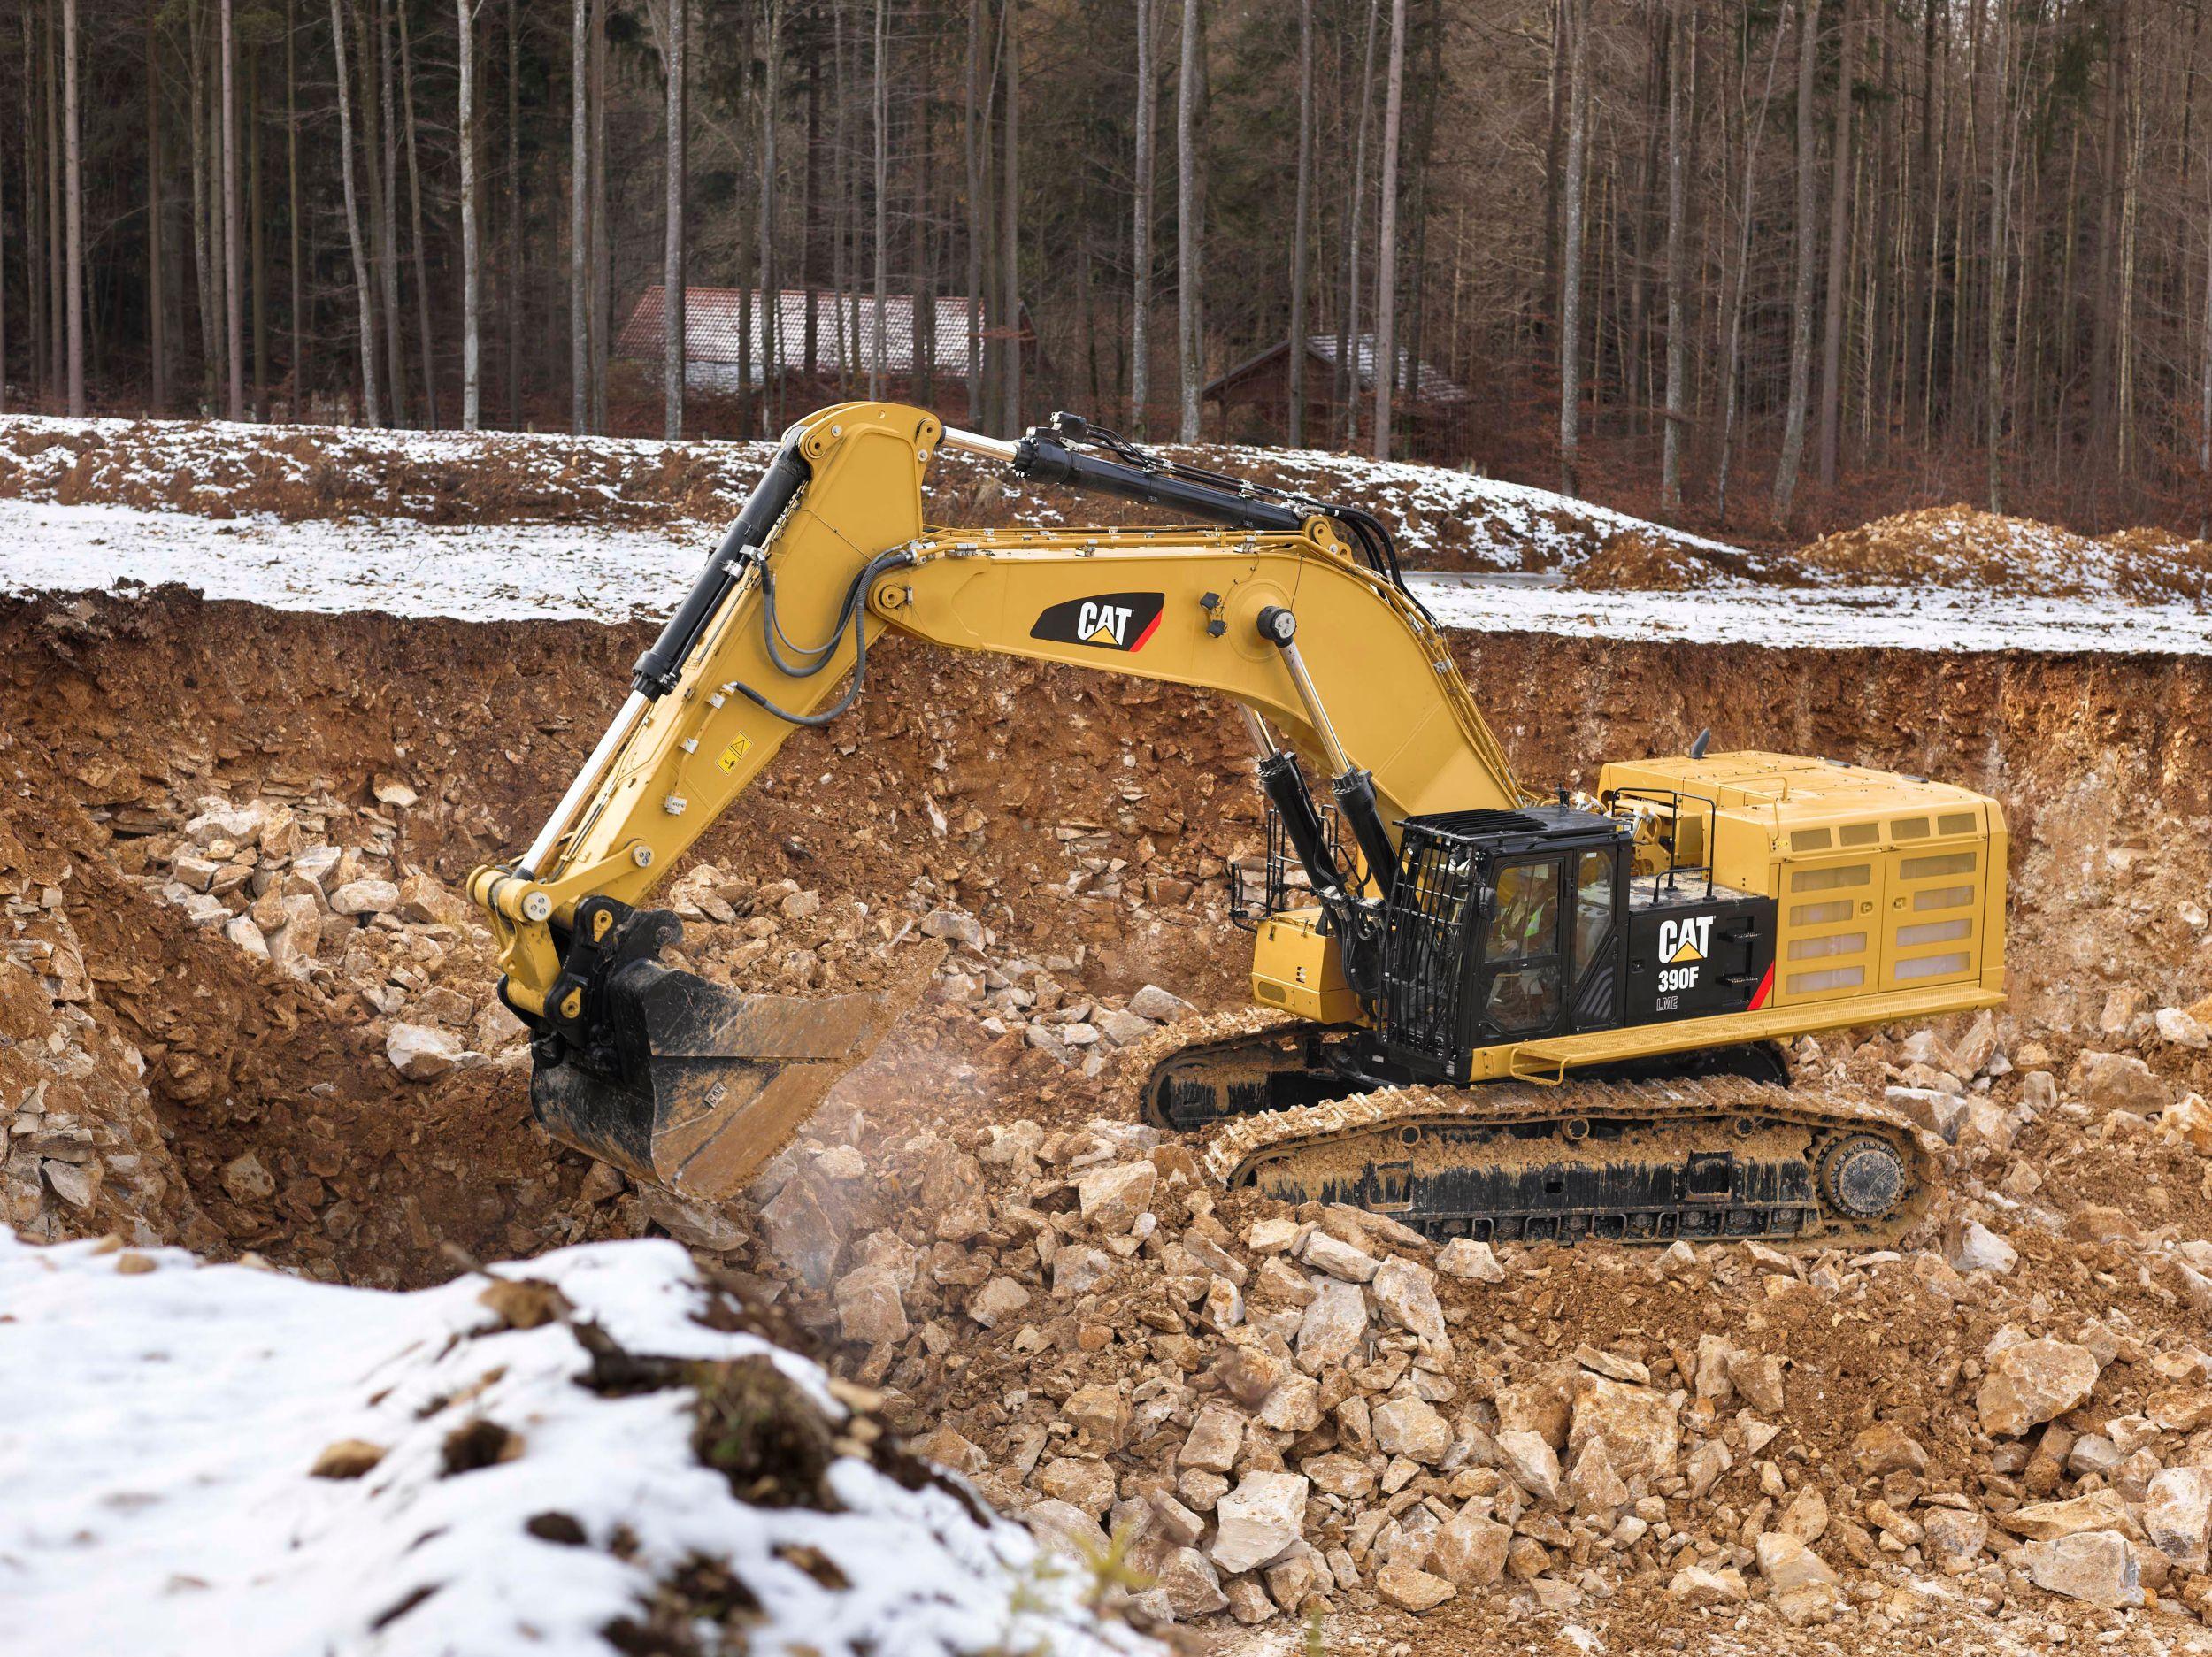 cat 390f l hydraulic excavator caterpillar